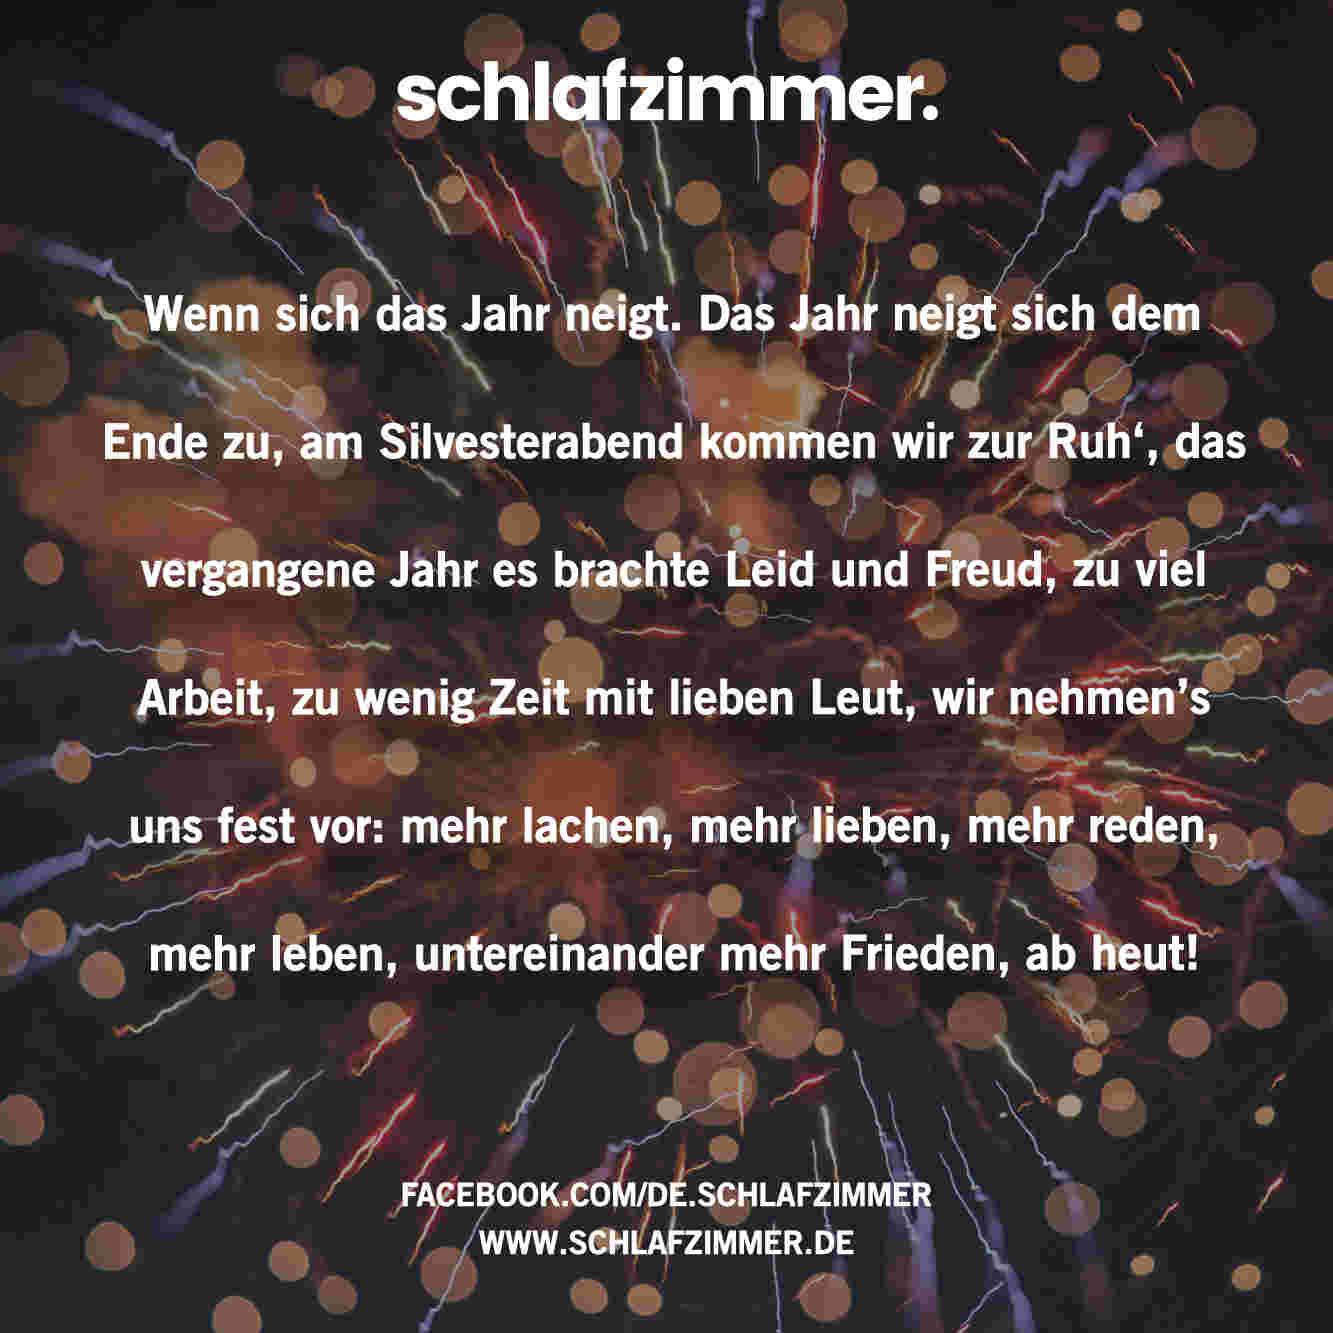 silvester sprüche liebe Silvestersprüche & Neujahrssprüche: Tolle Sprüche, Grüße und Wünsche silvester sprüche liebe